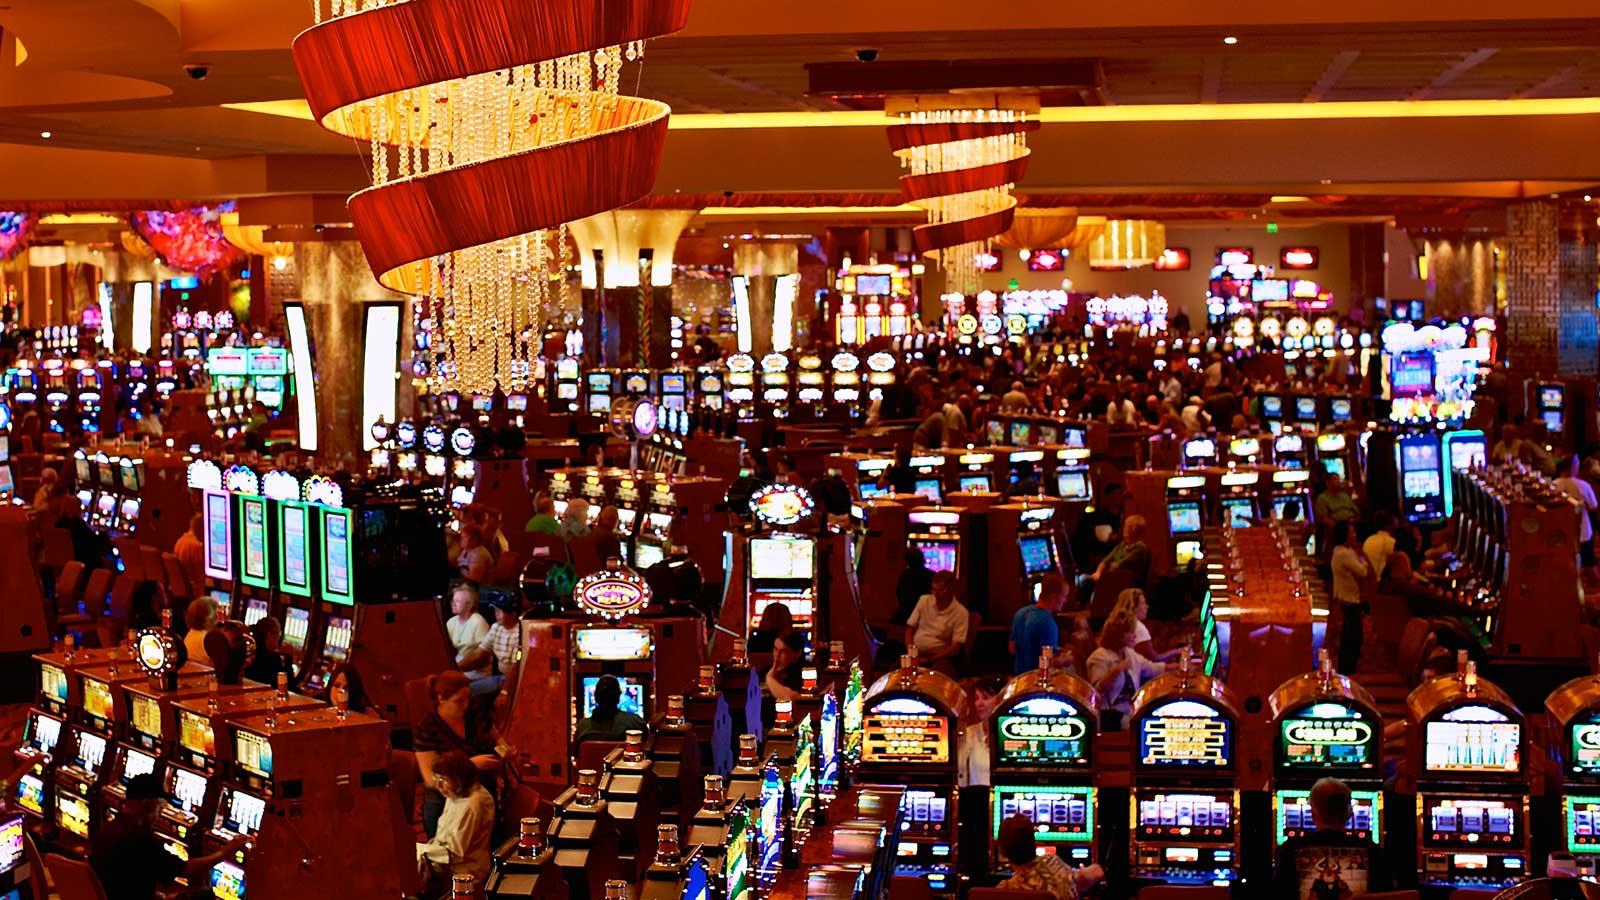 Jeux casino virtuel, comment ne pas se perdre?